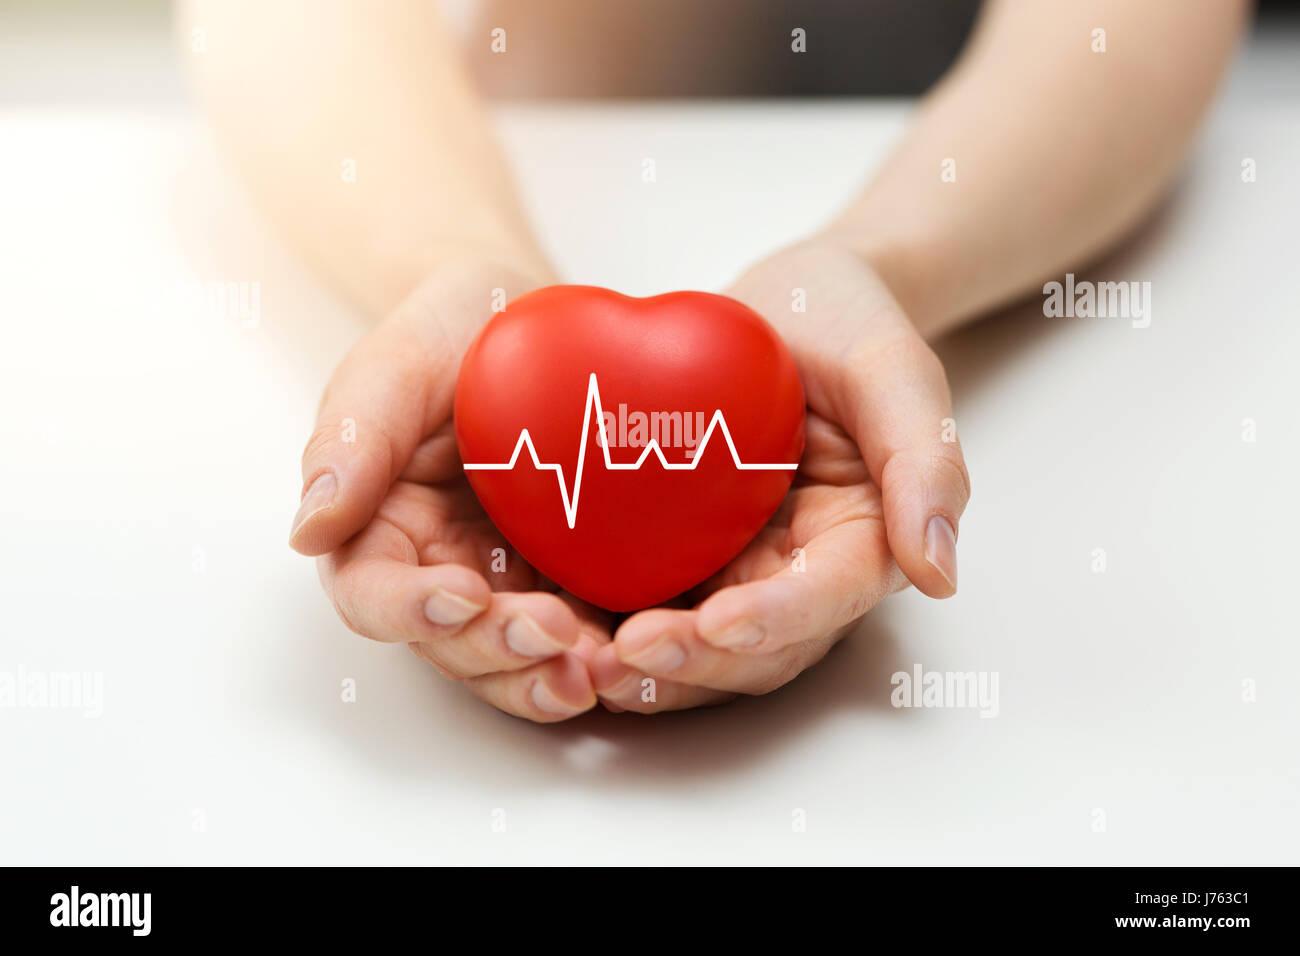 Assurance santé cardiologie ou concept - coeur rouge dans les mains Photo Stock